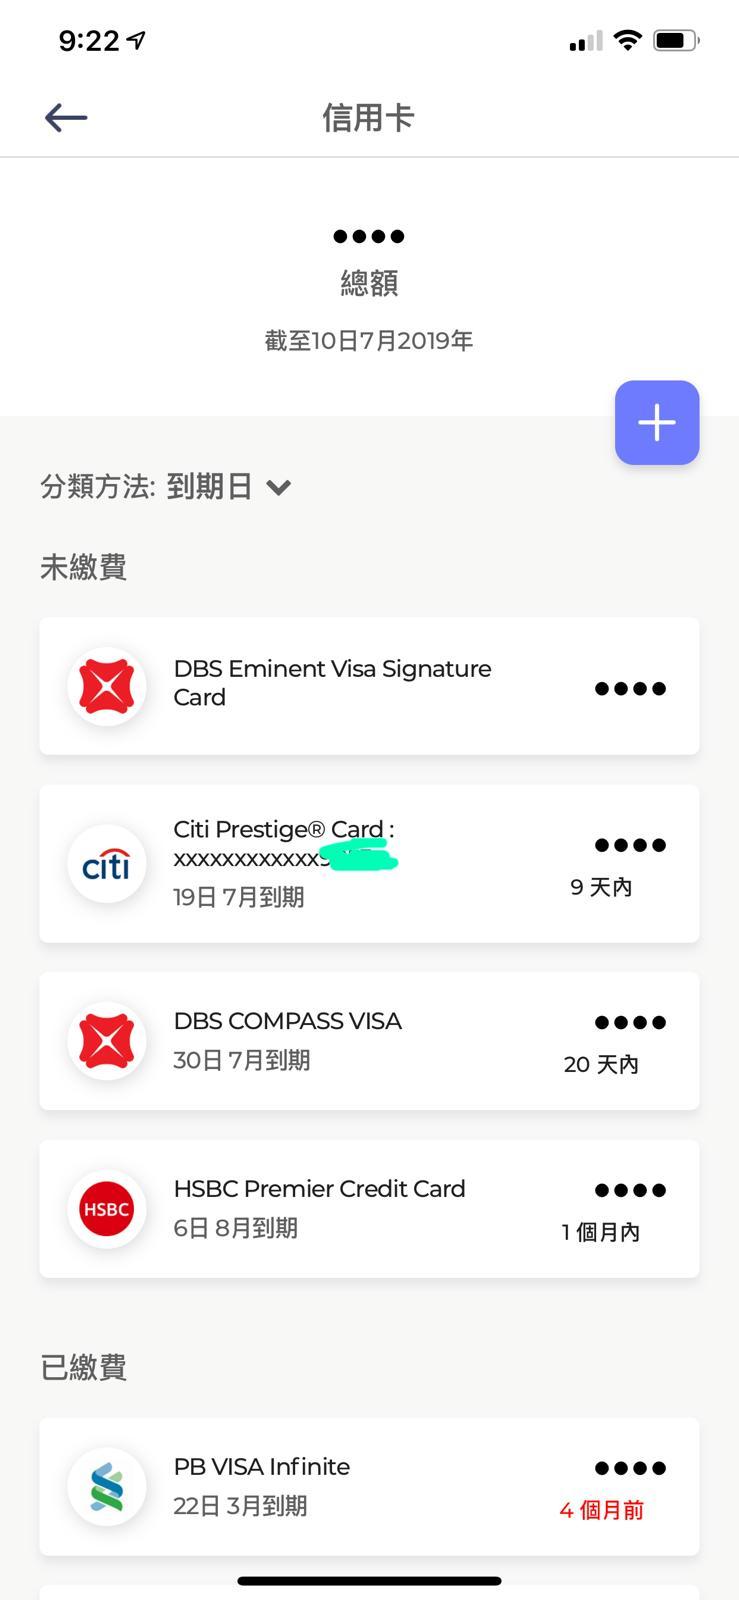 planto 理財管理App推介!信用卡/銀行戶口/MPF都適用